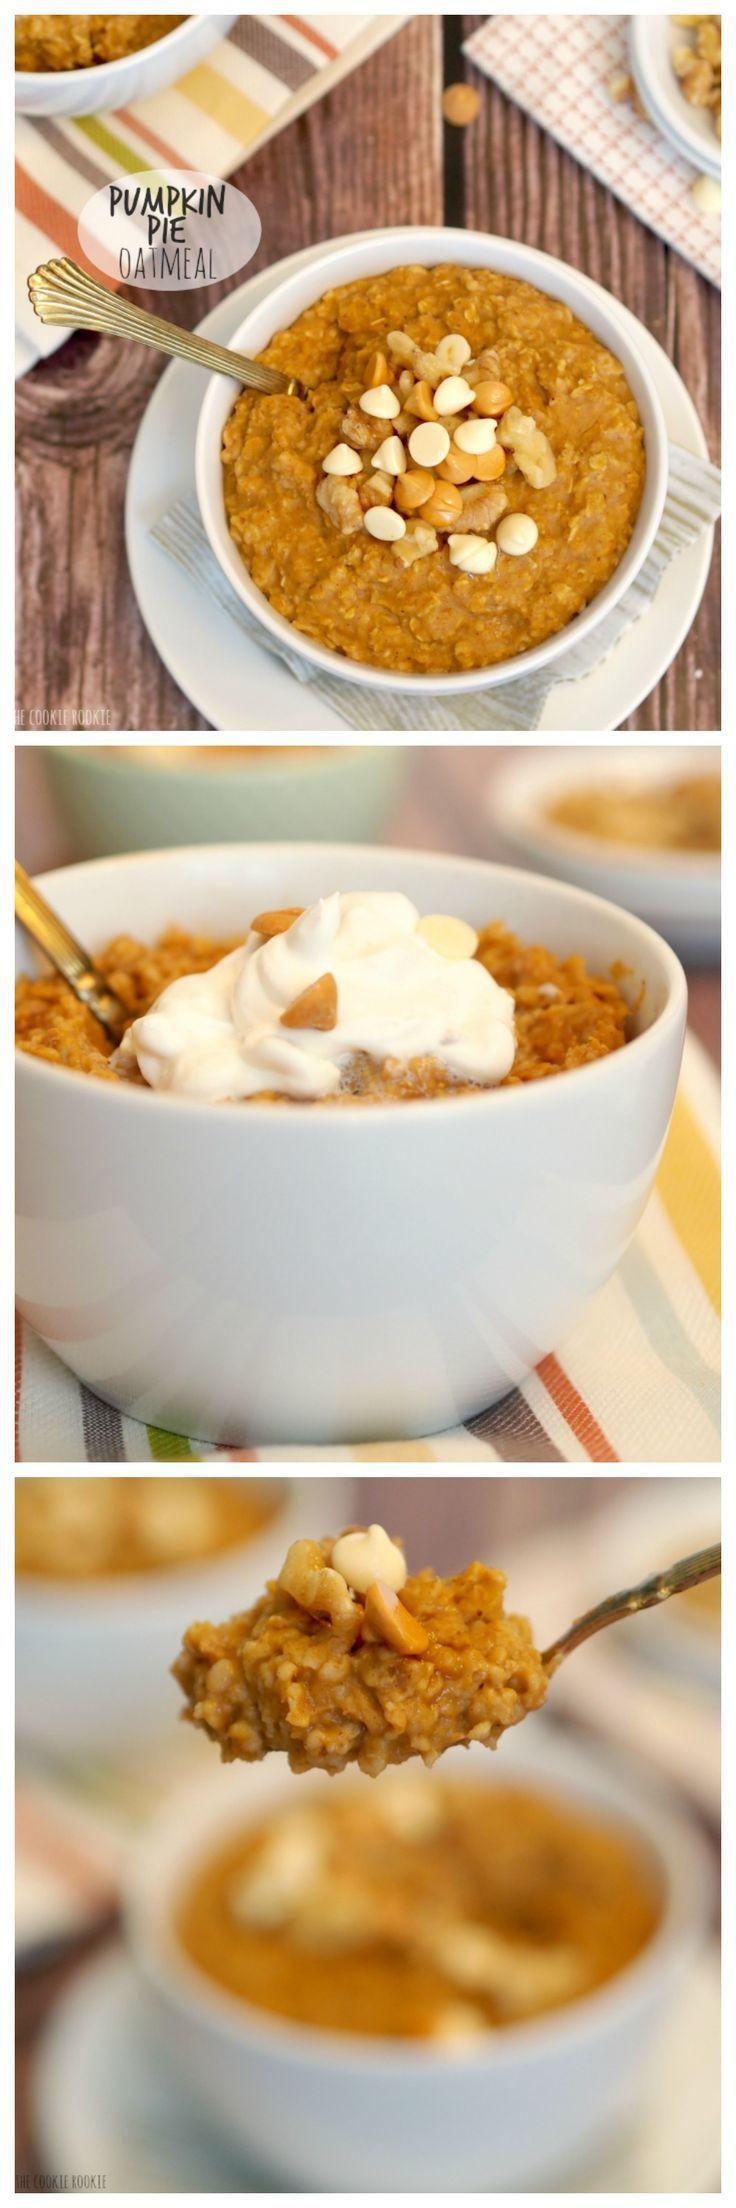 Healthy Pumpkin Breakfast Recipes  Pumpkin Pie Oatmeal The perfect healthy breakfast for